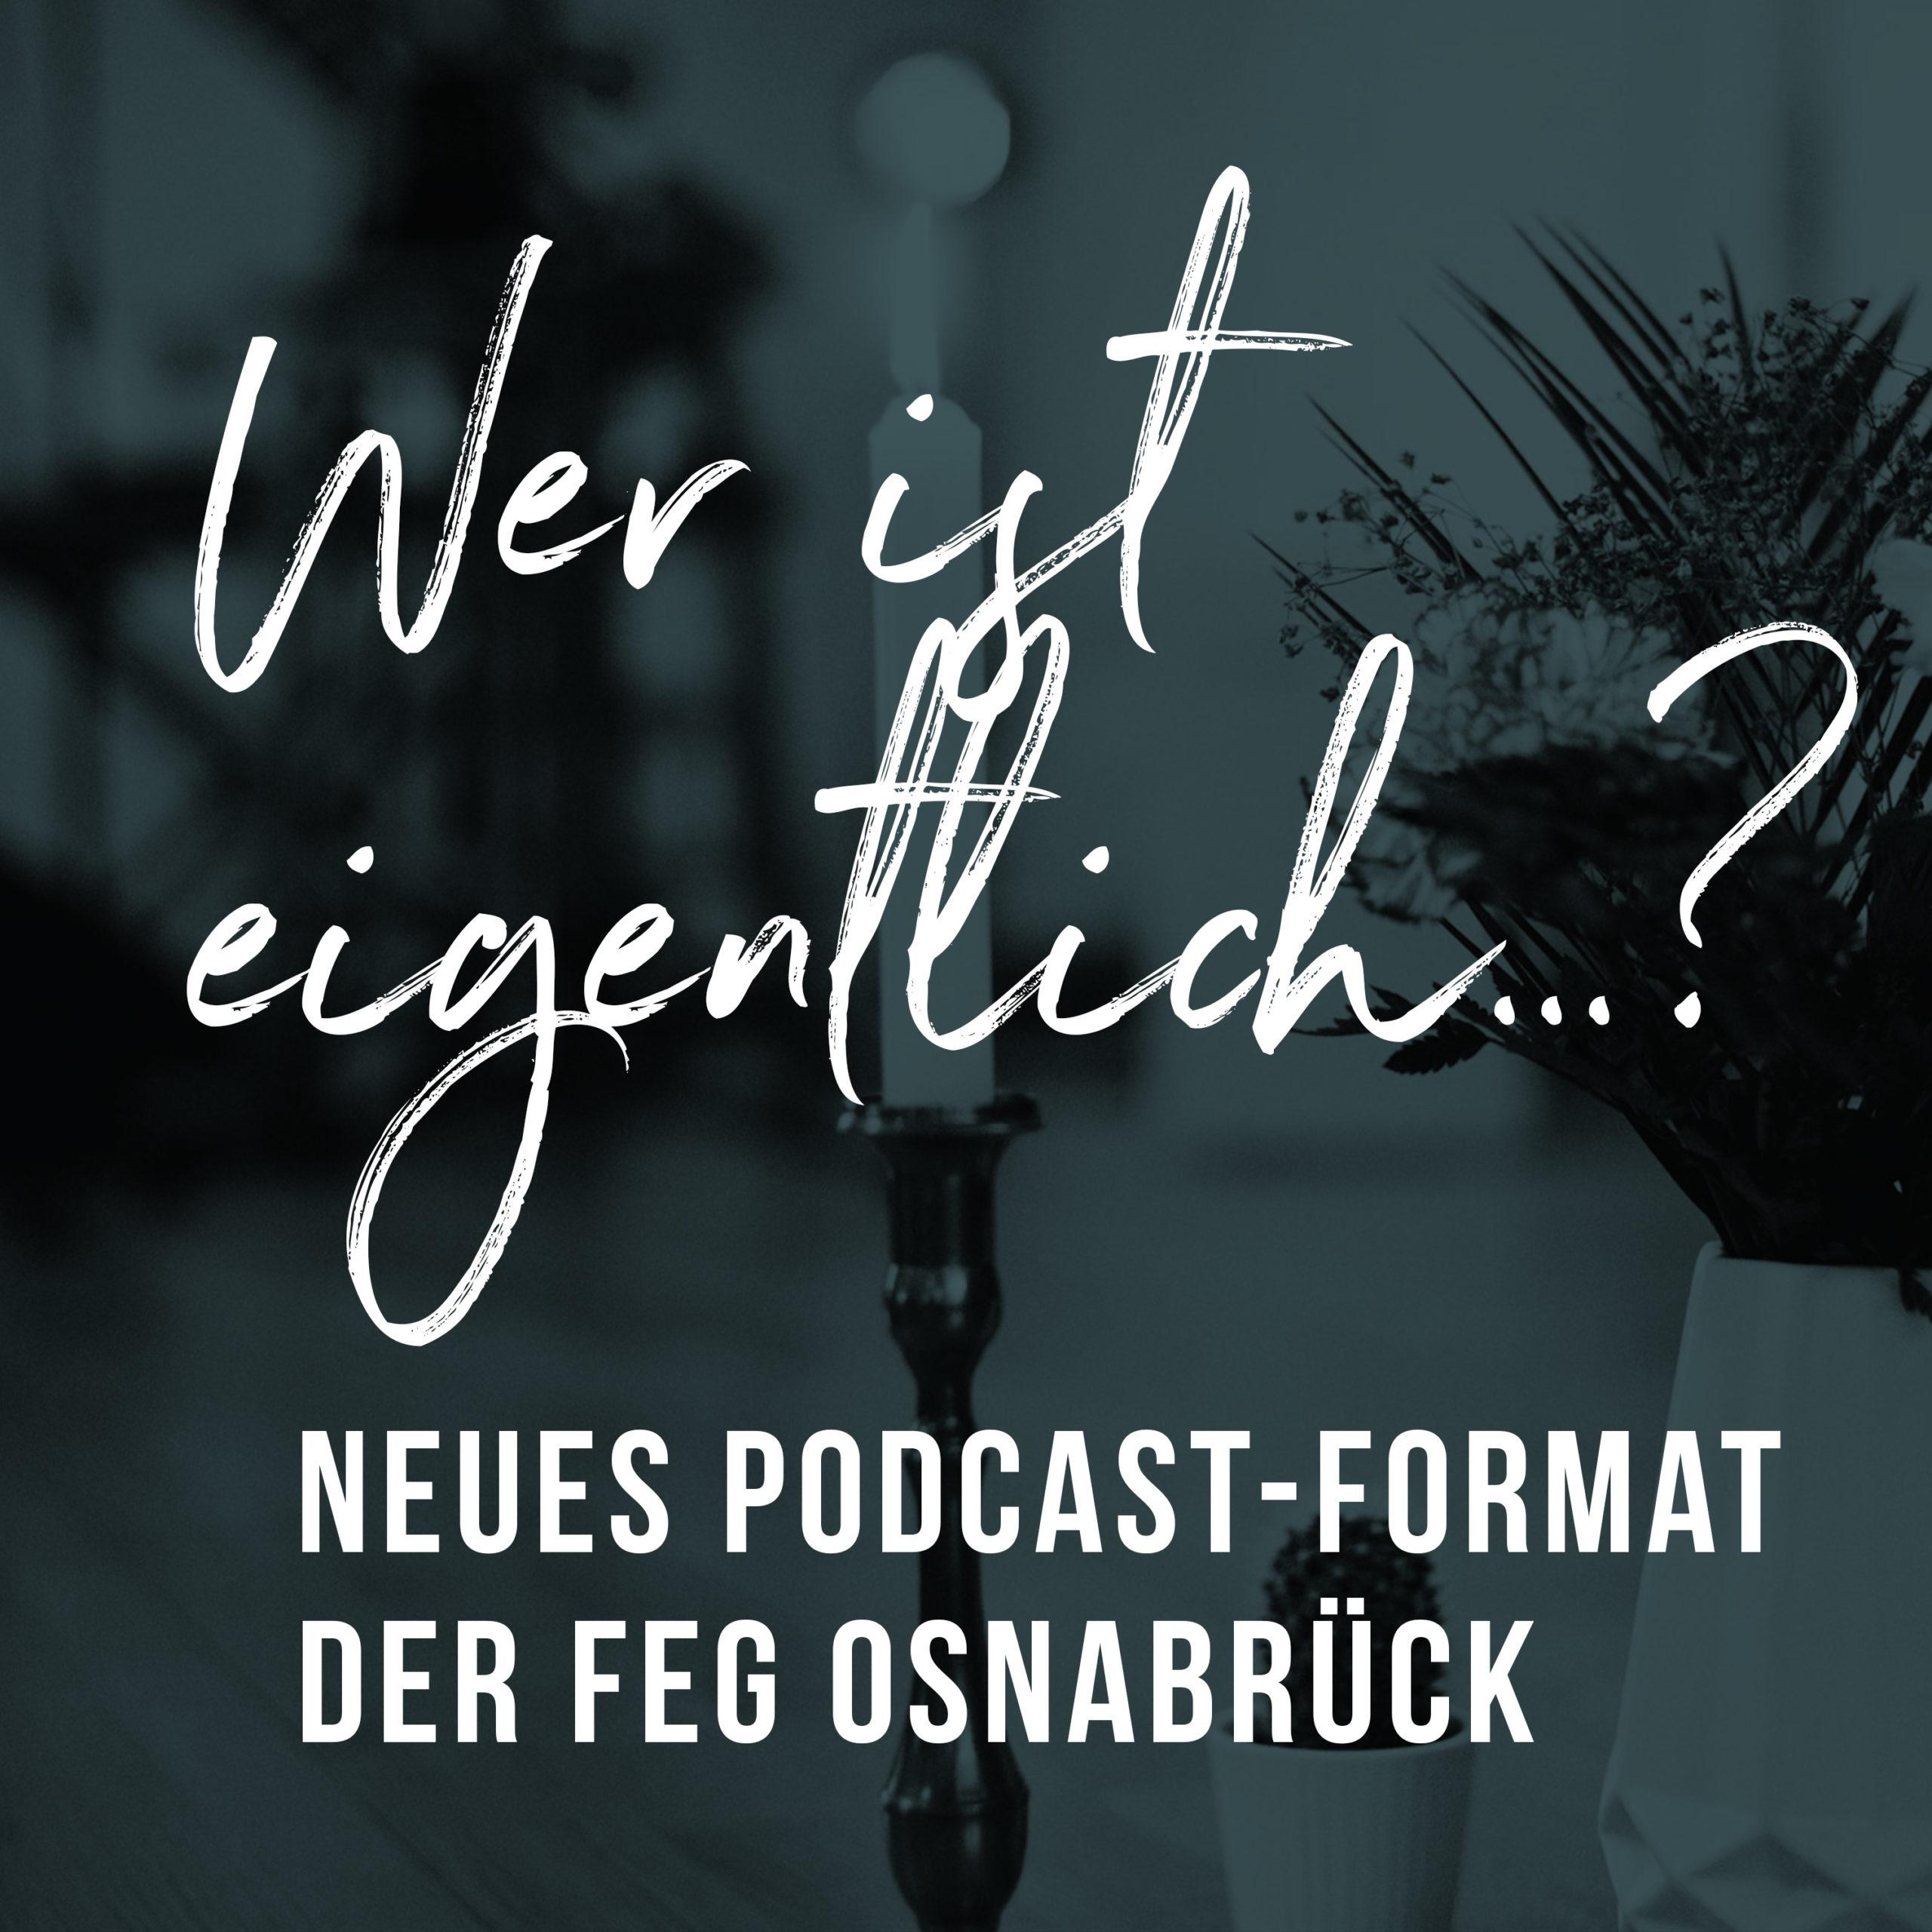 Podcast der FeG Osnabrück